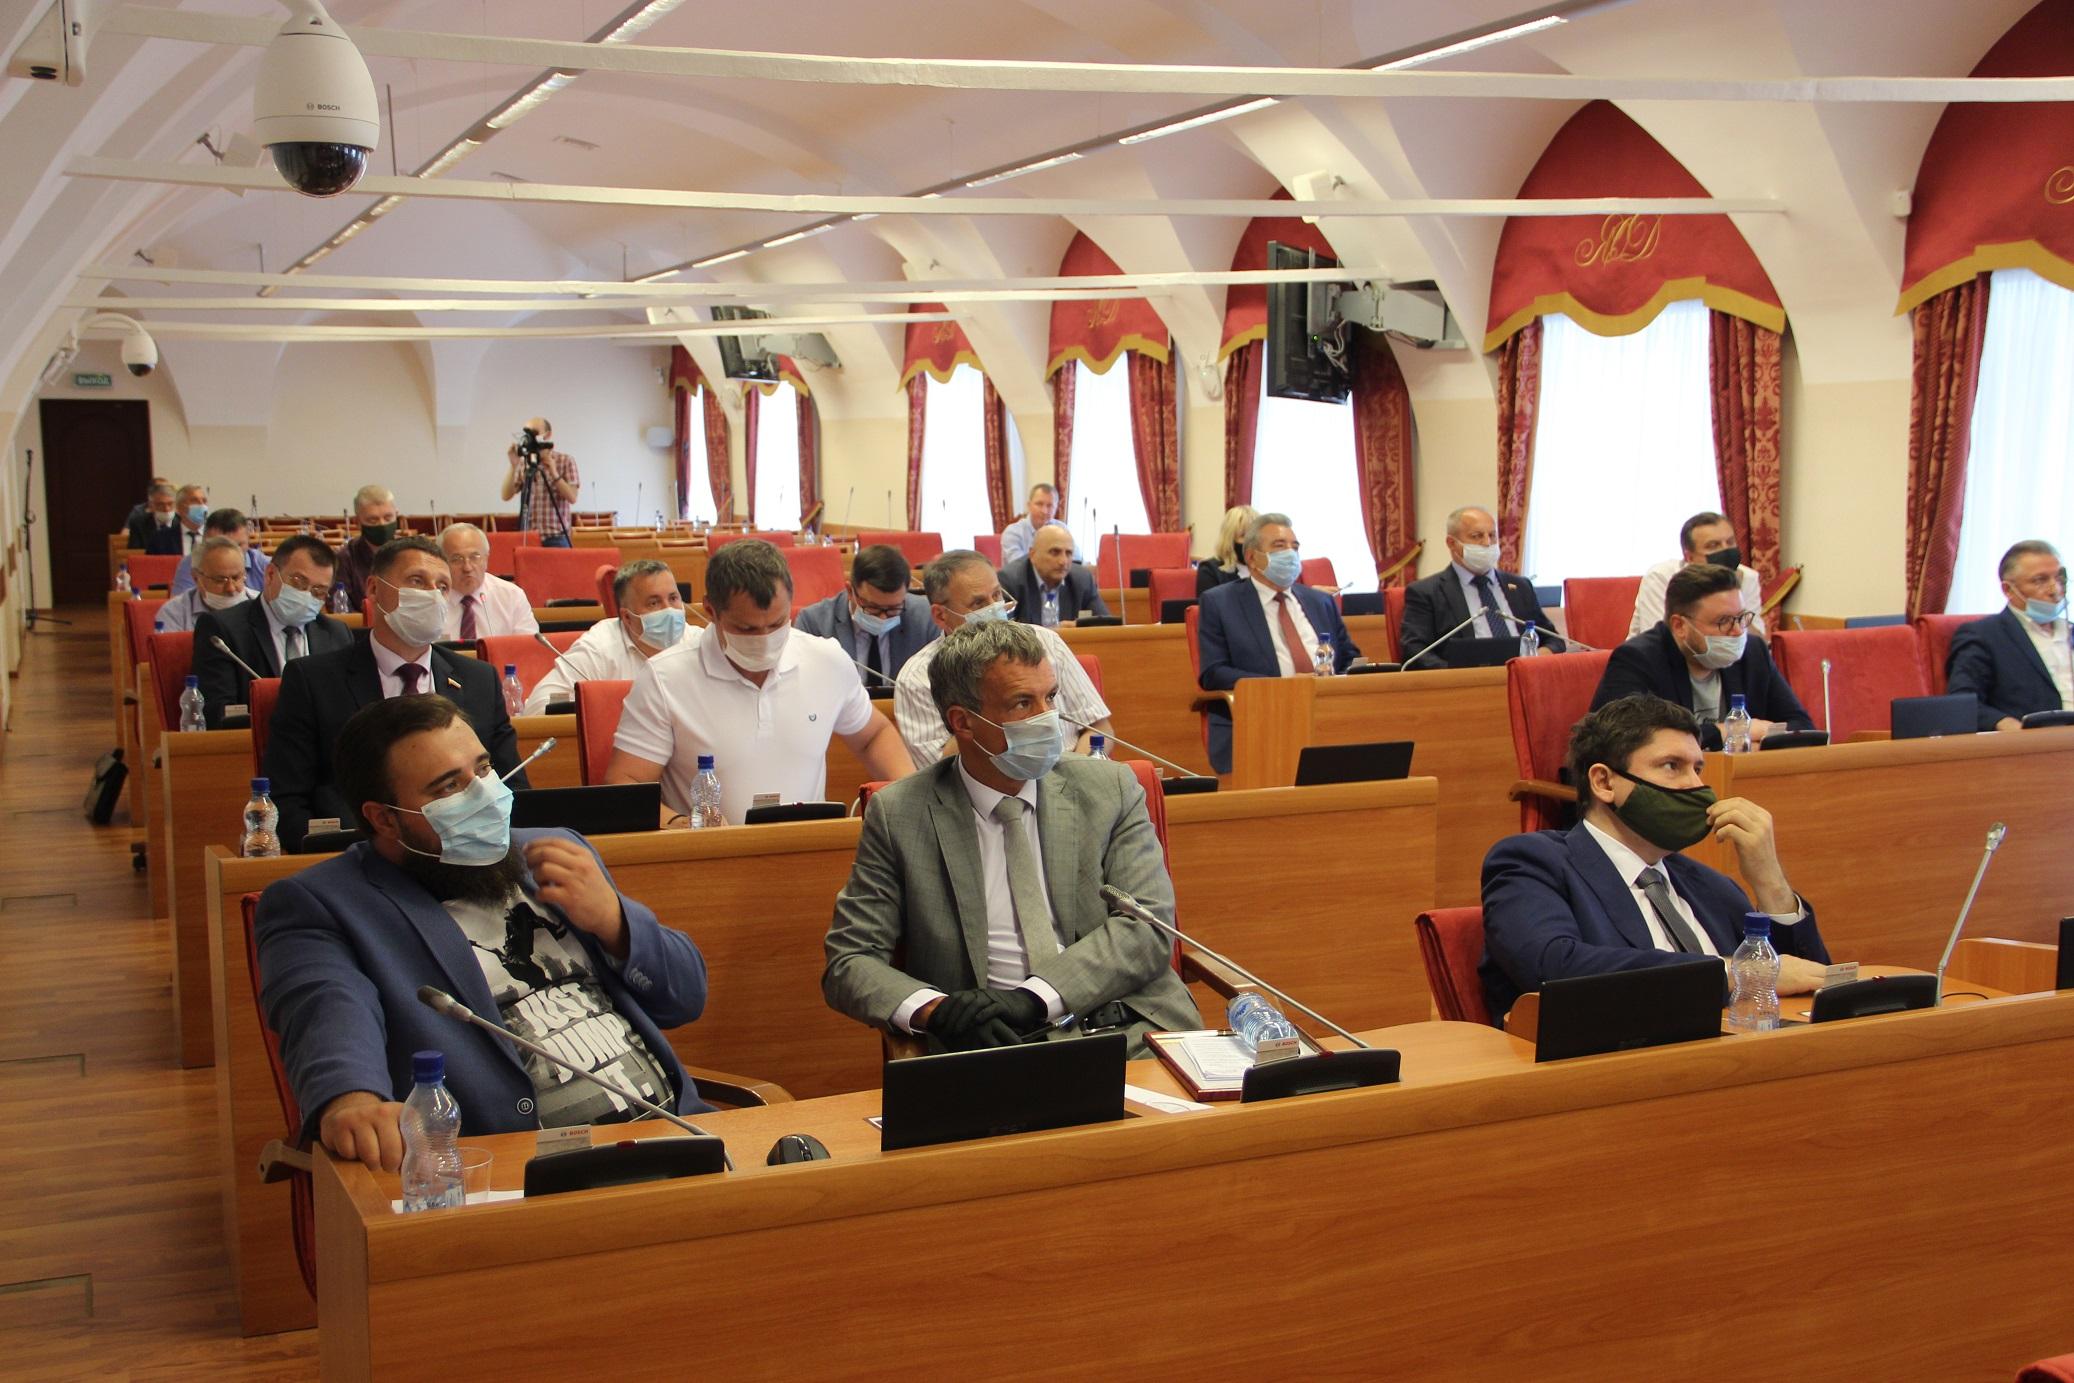 Губернатор пообещал встретиться с депутатами фракции КПРФ как только ситуация позволит